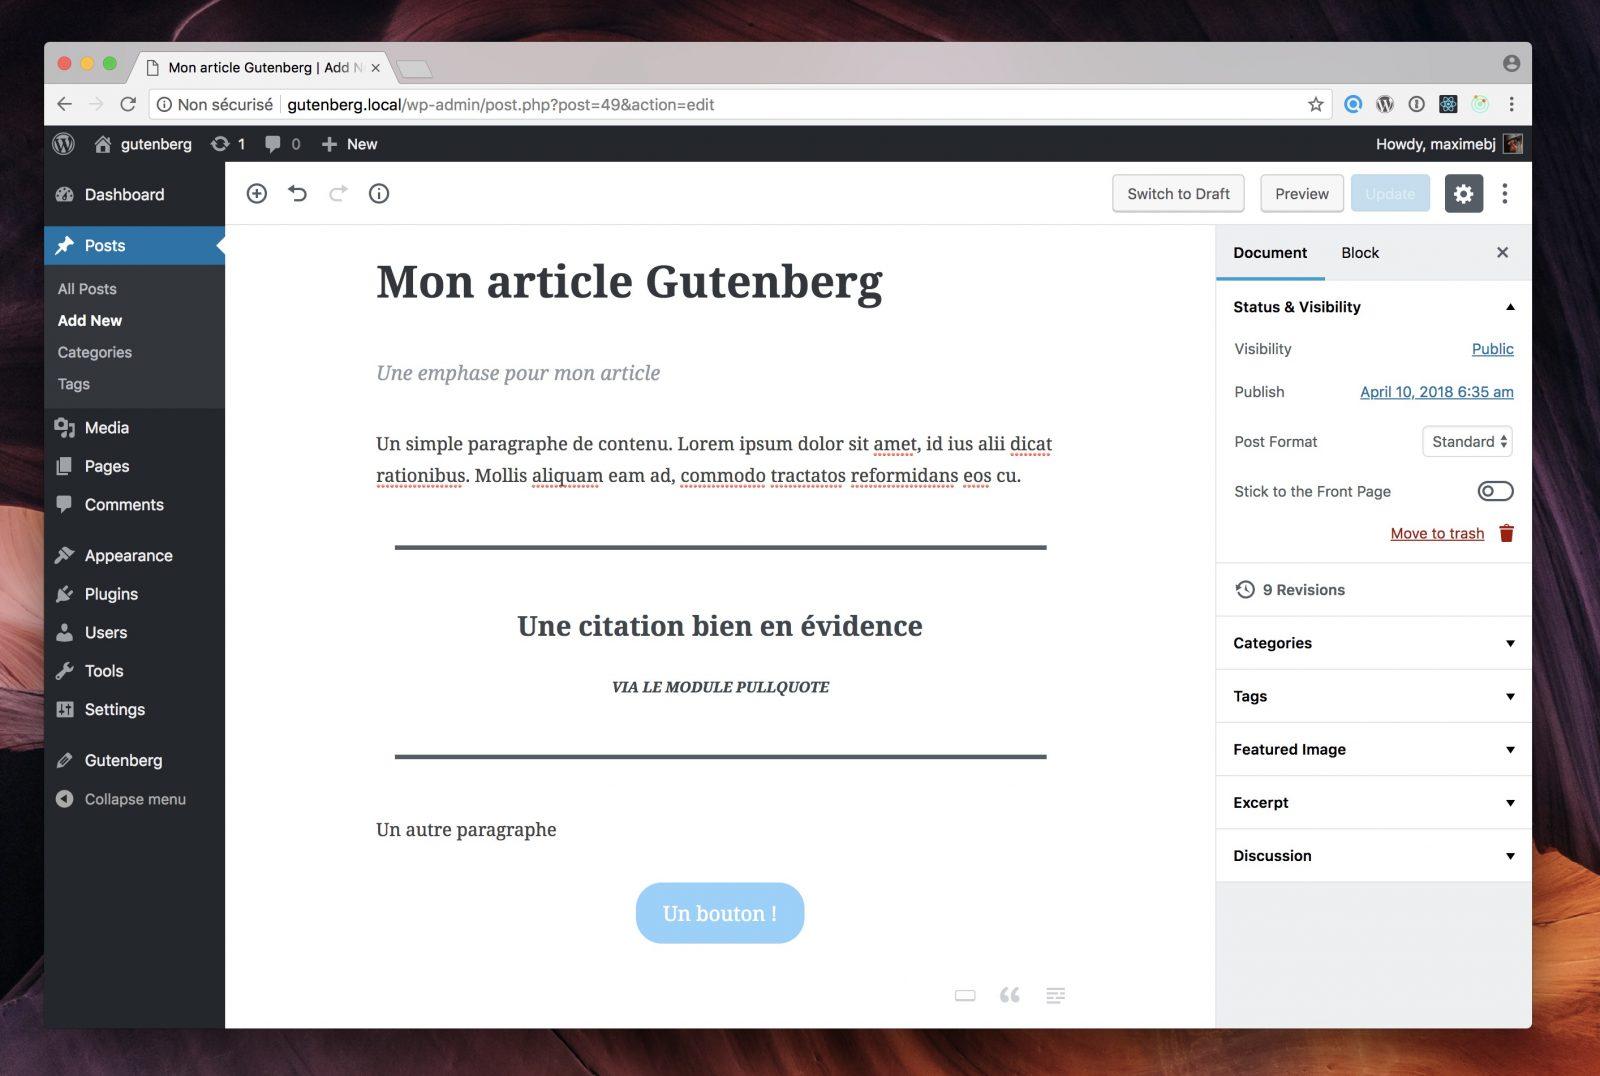 l'éditeur visuel ne propose d'écrire du contenu que dans une seule zone de la page